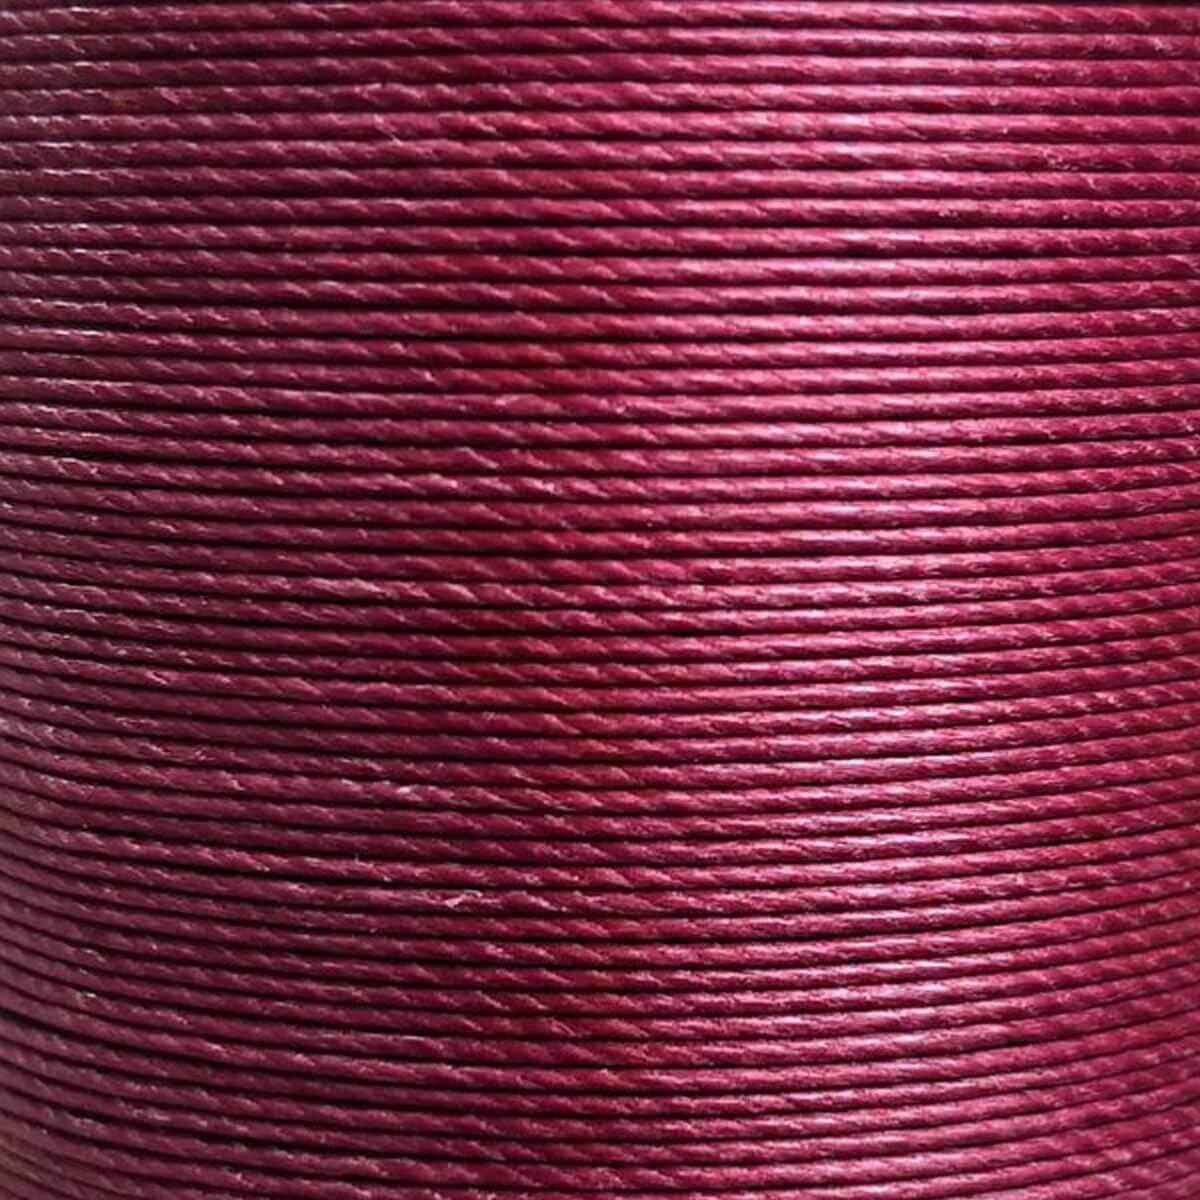 Bobine de 80m de fil de lin ciré MeiSi super fine M50 - 0,55 mm - BORDEAUX - MS008